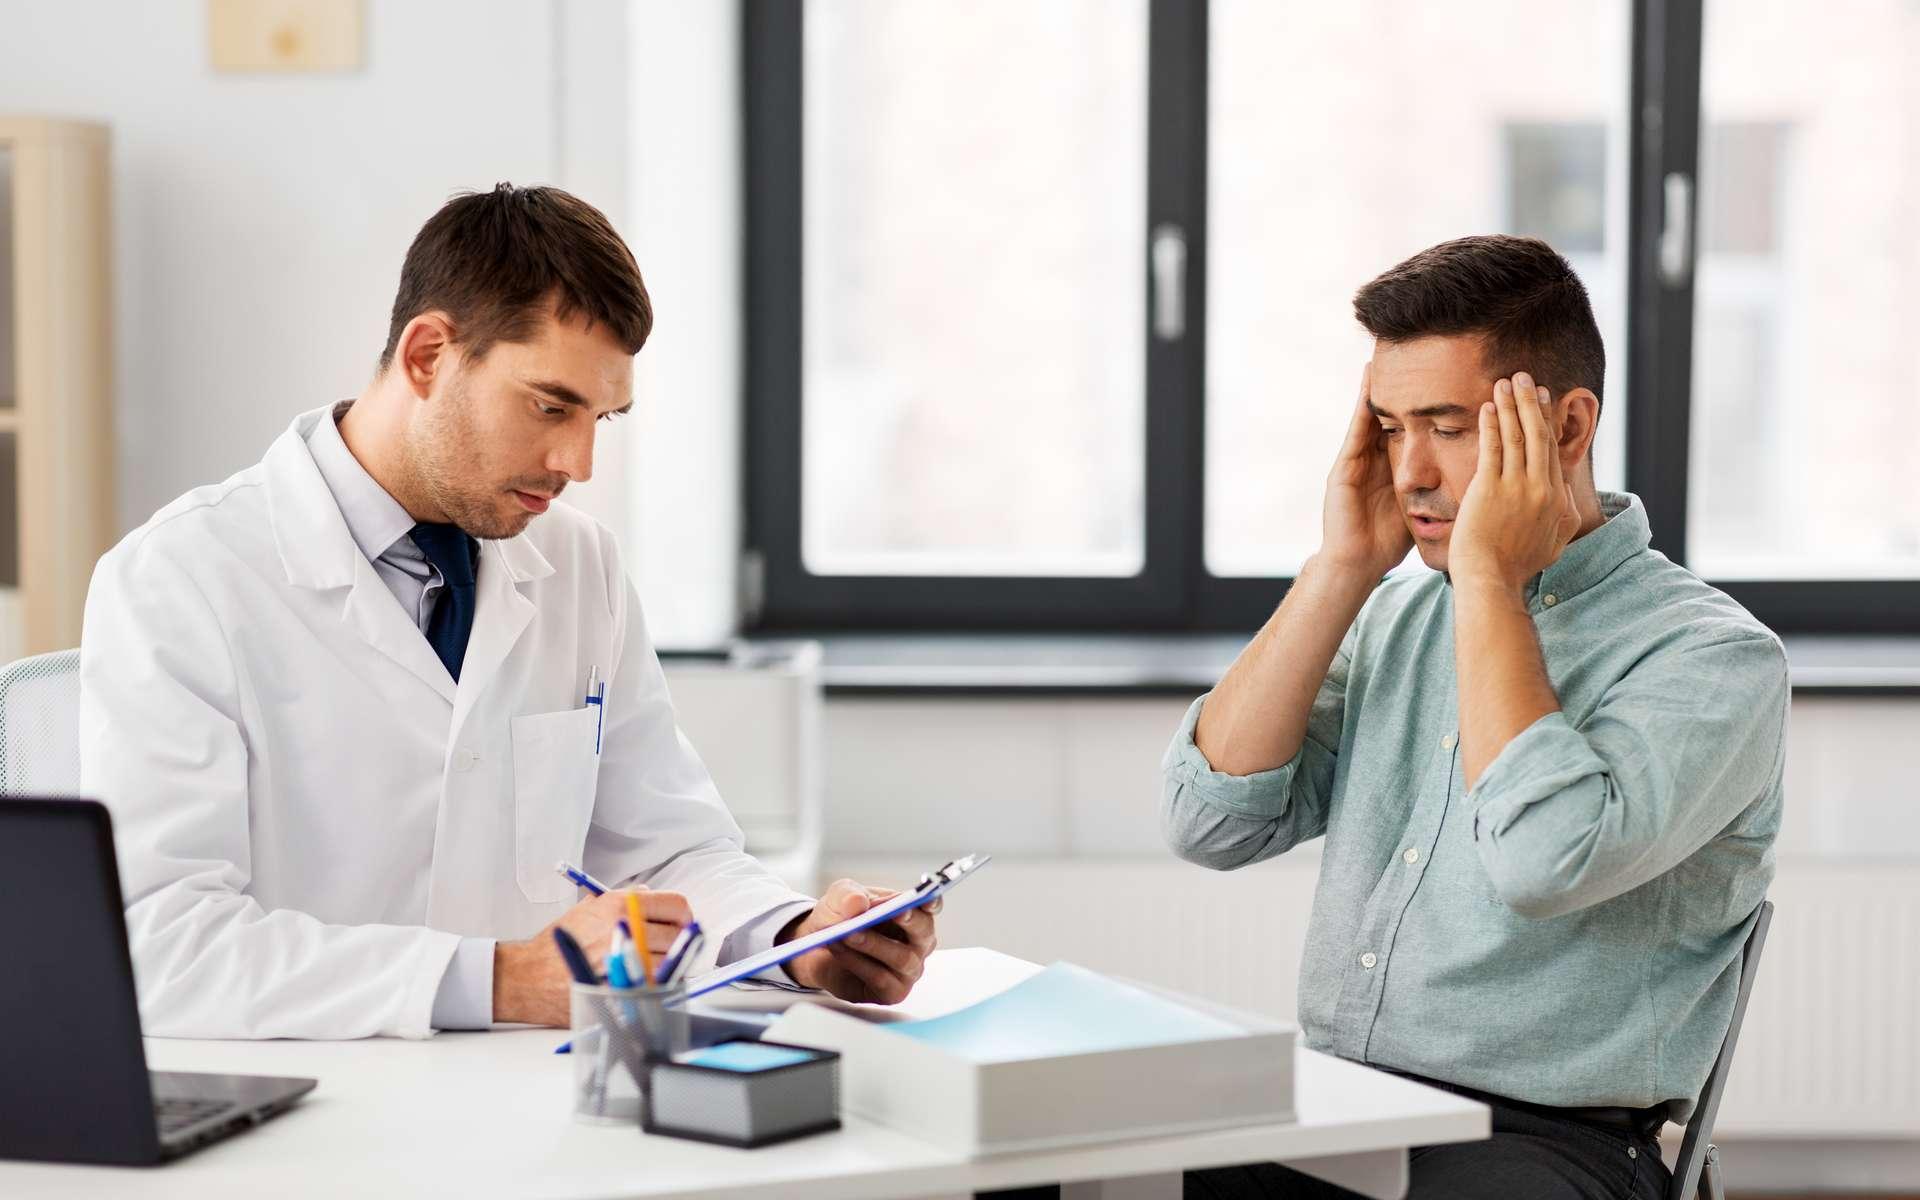 Quelque 80 % des malades hospitalisés pour la Covid-19 présentent des manifestations neurologiques, céphalées, anosmie, agueusie. © Syda Productions, Adobe Stock